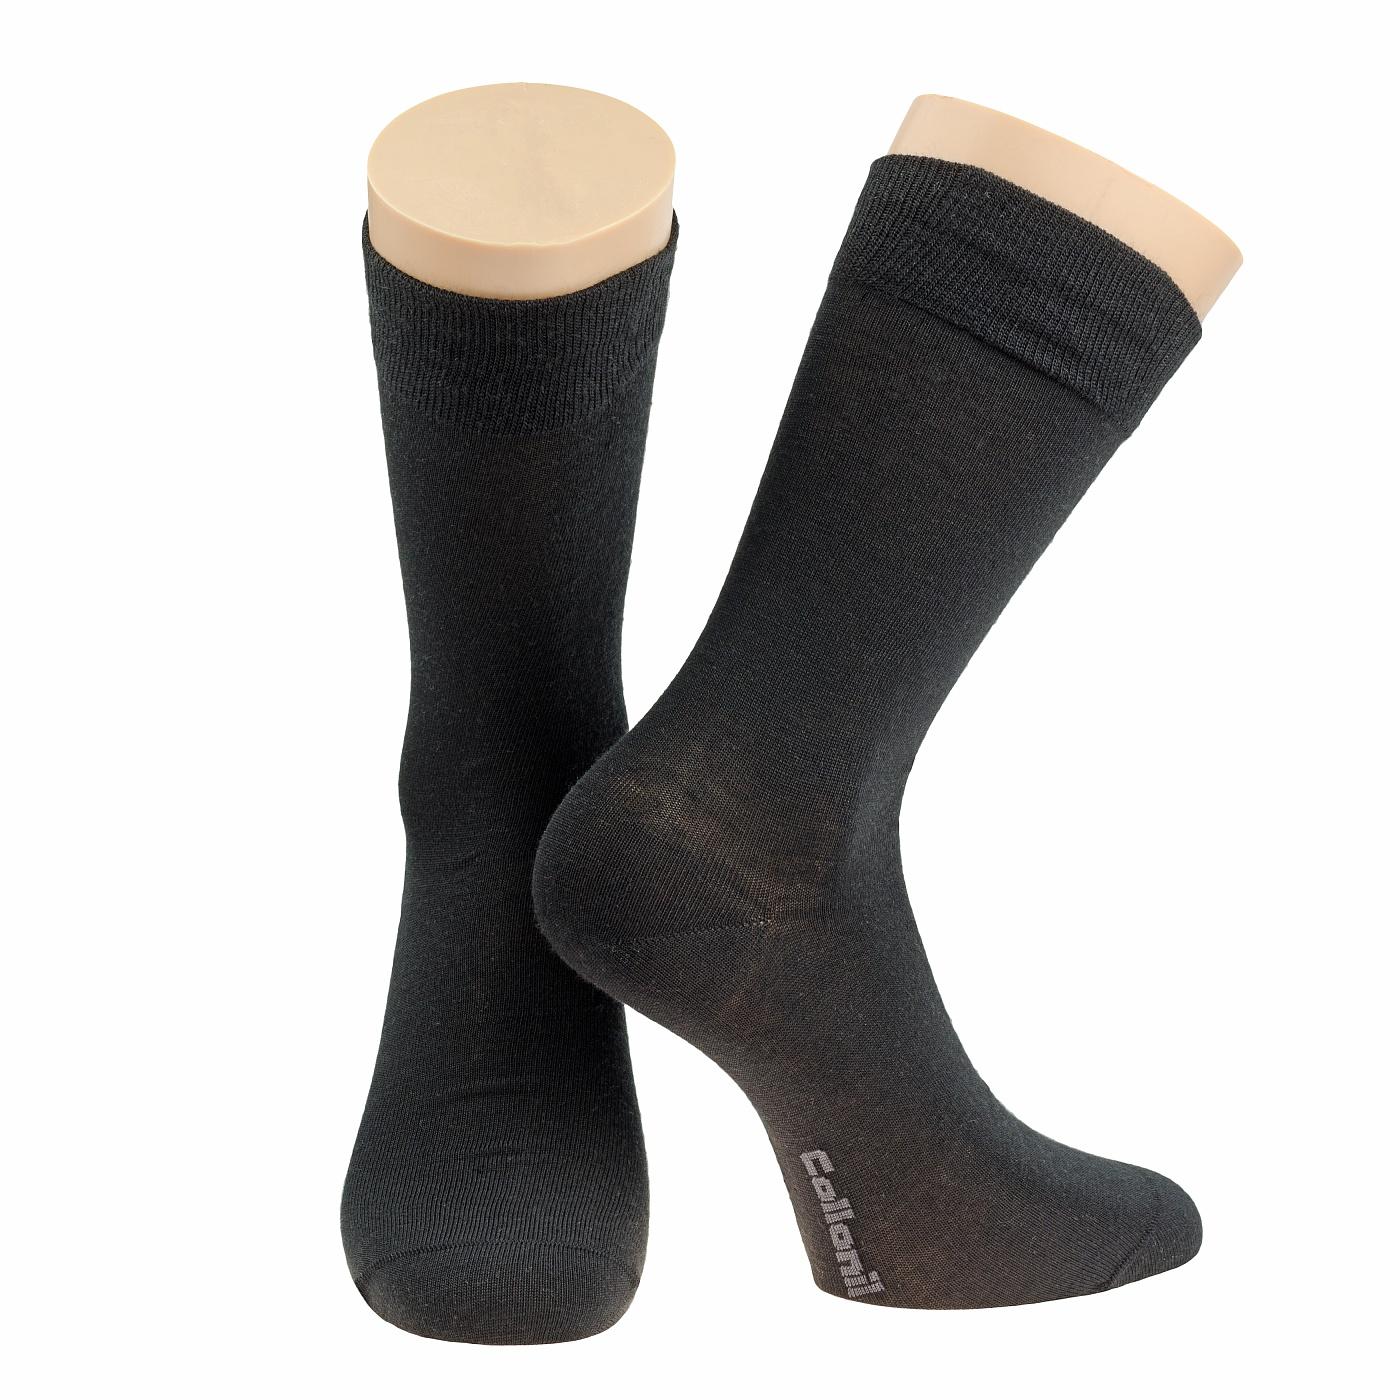 Носки мужские Collonil, цвет: черный. 2-05/01. Размер 44-462-05/01Мужские носки Collonil изготовлены из мерсеризованного хлопка и хлопка Biofil.Носки с удлиненным паголенком. Широкая резинка не сдавливает и комфортно облегает ногу.